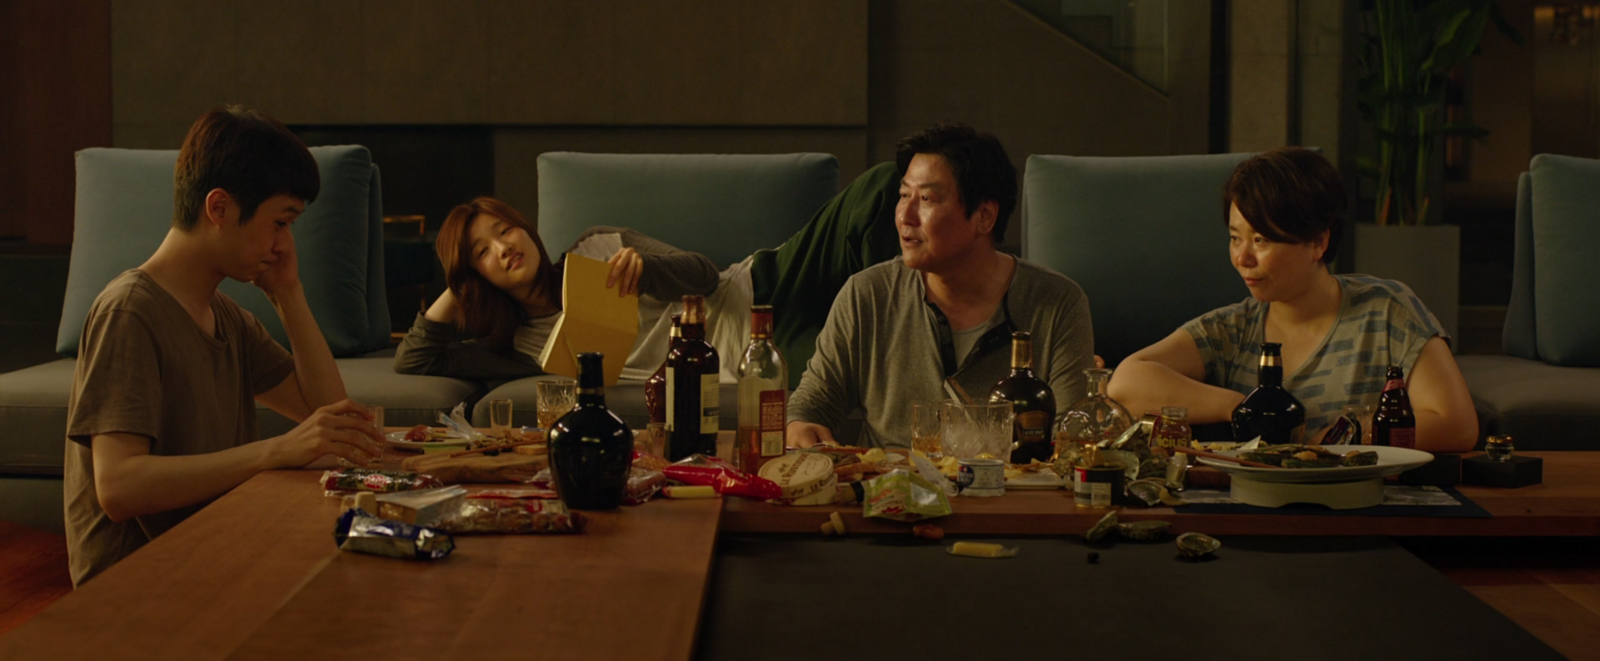 The Kim family in Bong Joon Ho's Parasite